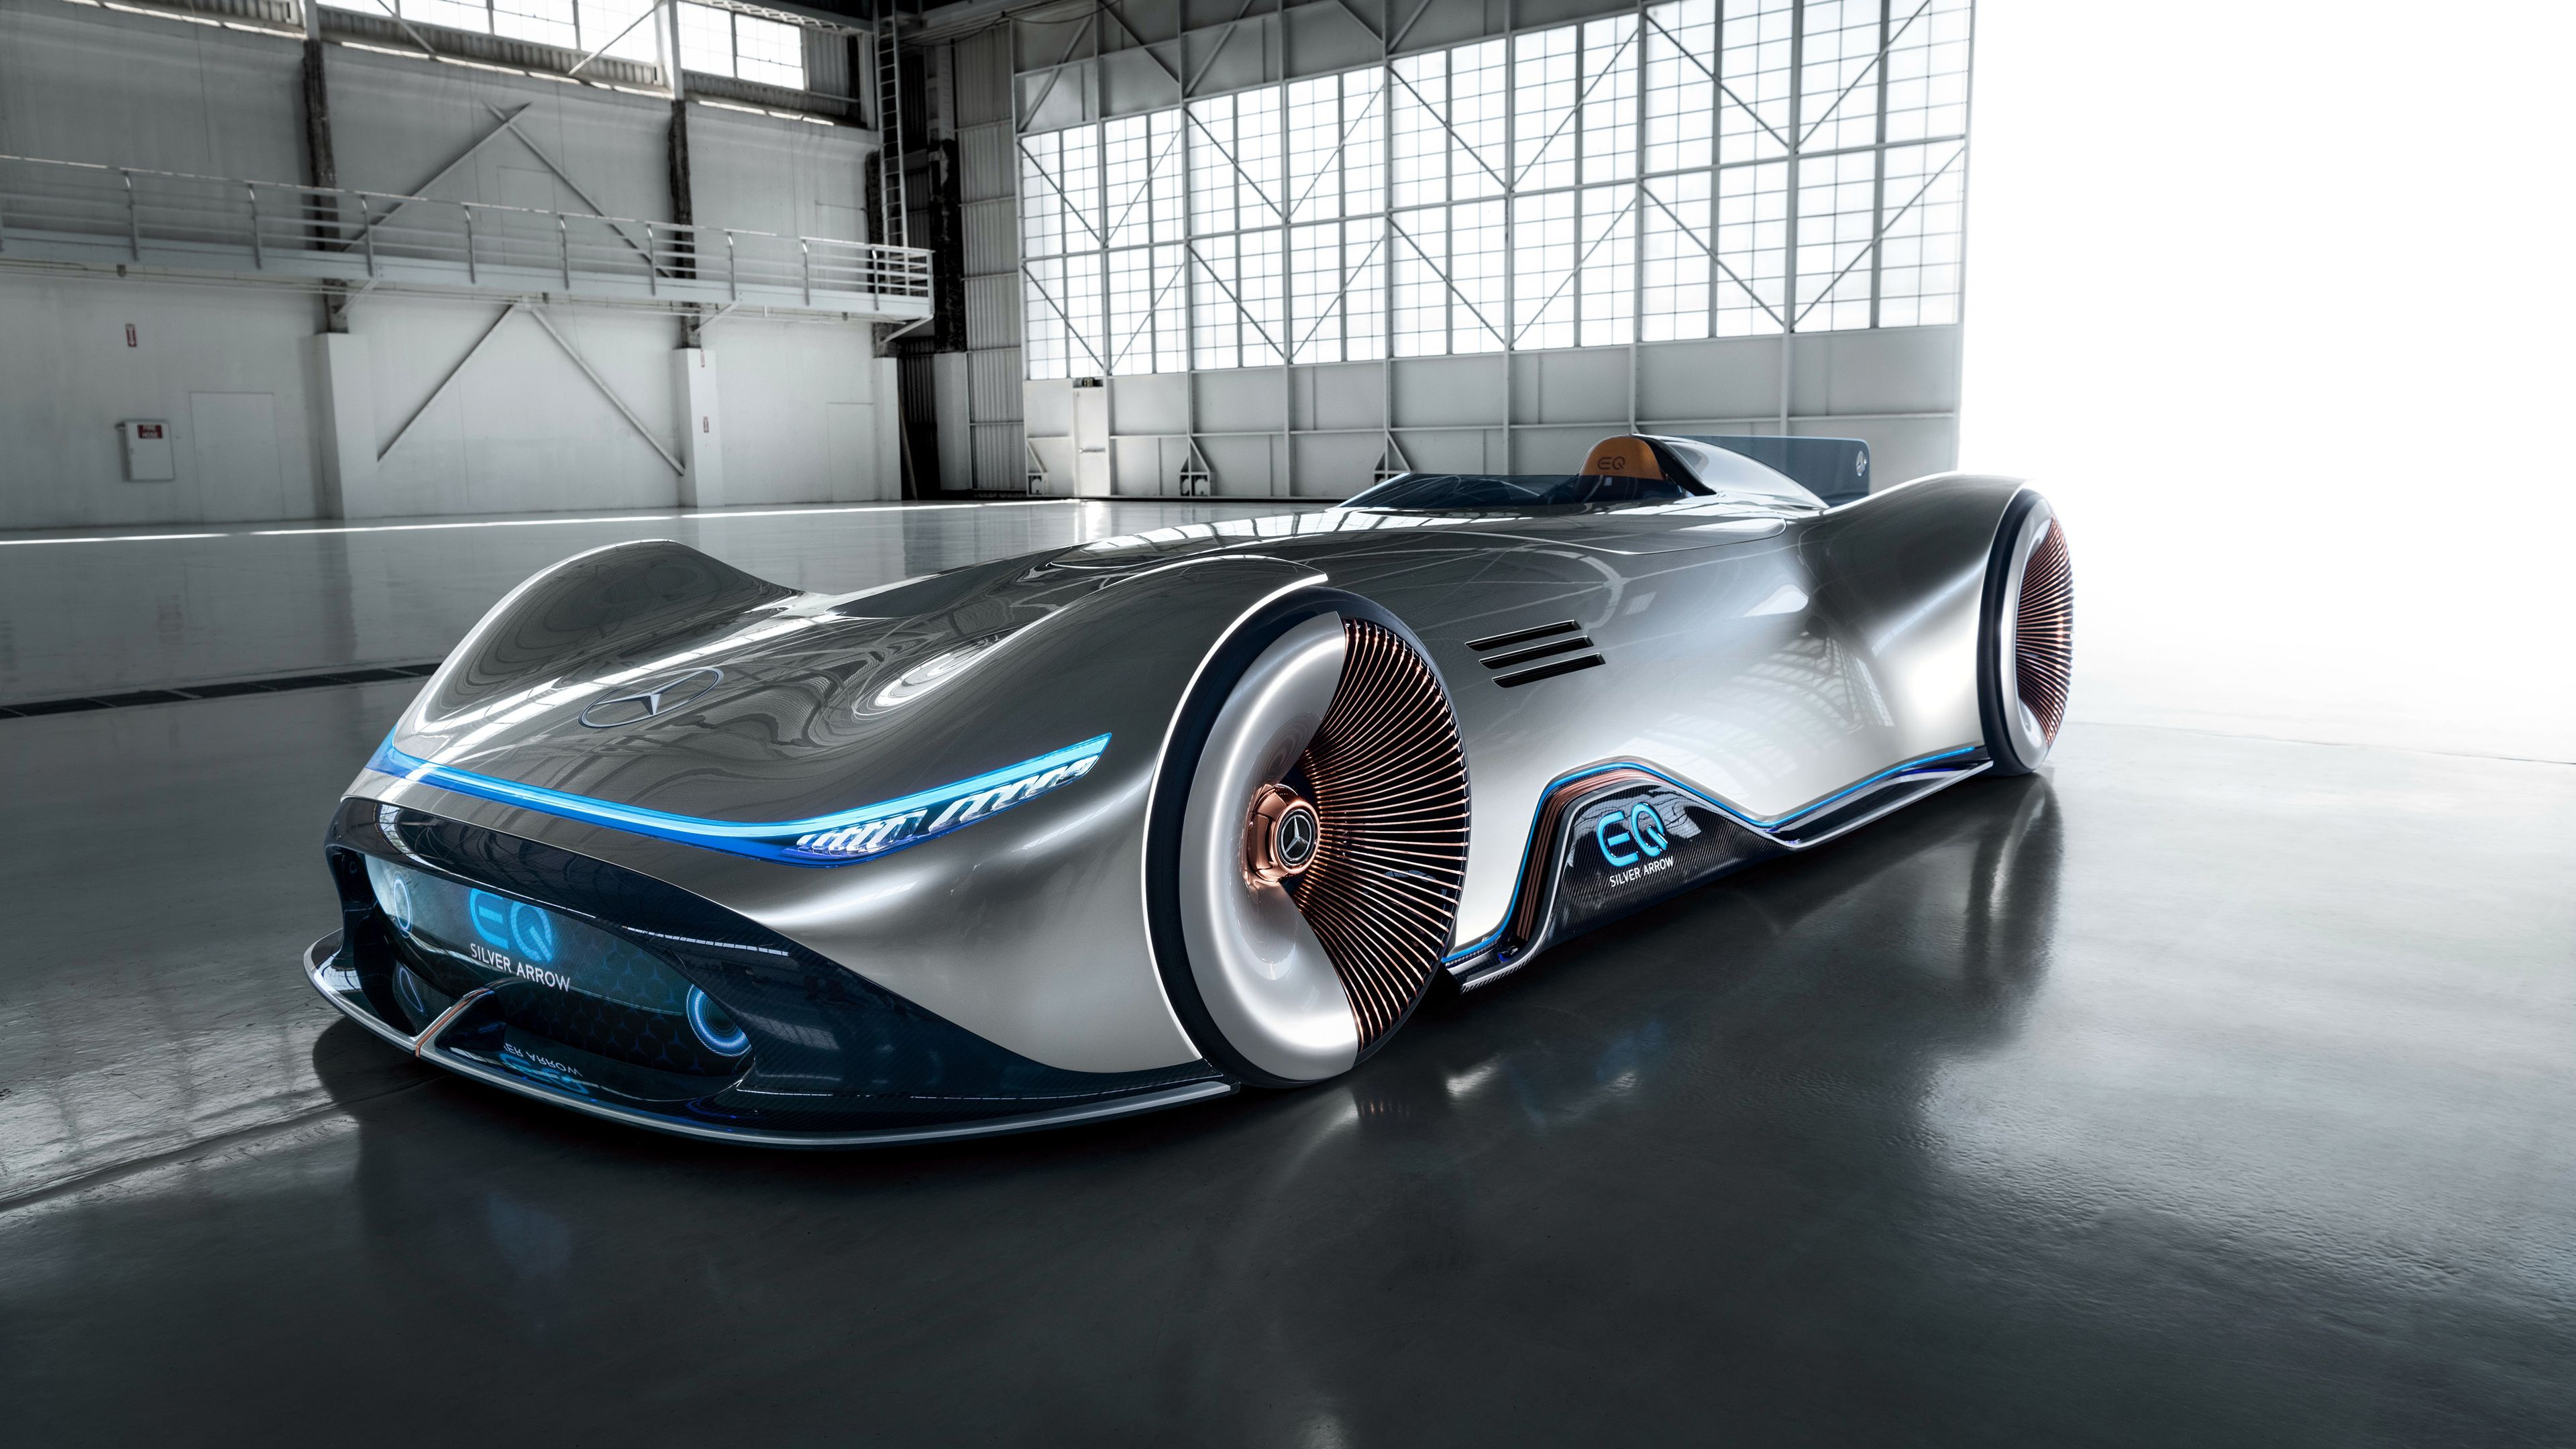 Wallpaper 4k Mercedes Benz Vision Eq Silver Arrow 2018 2018 Cars